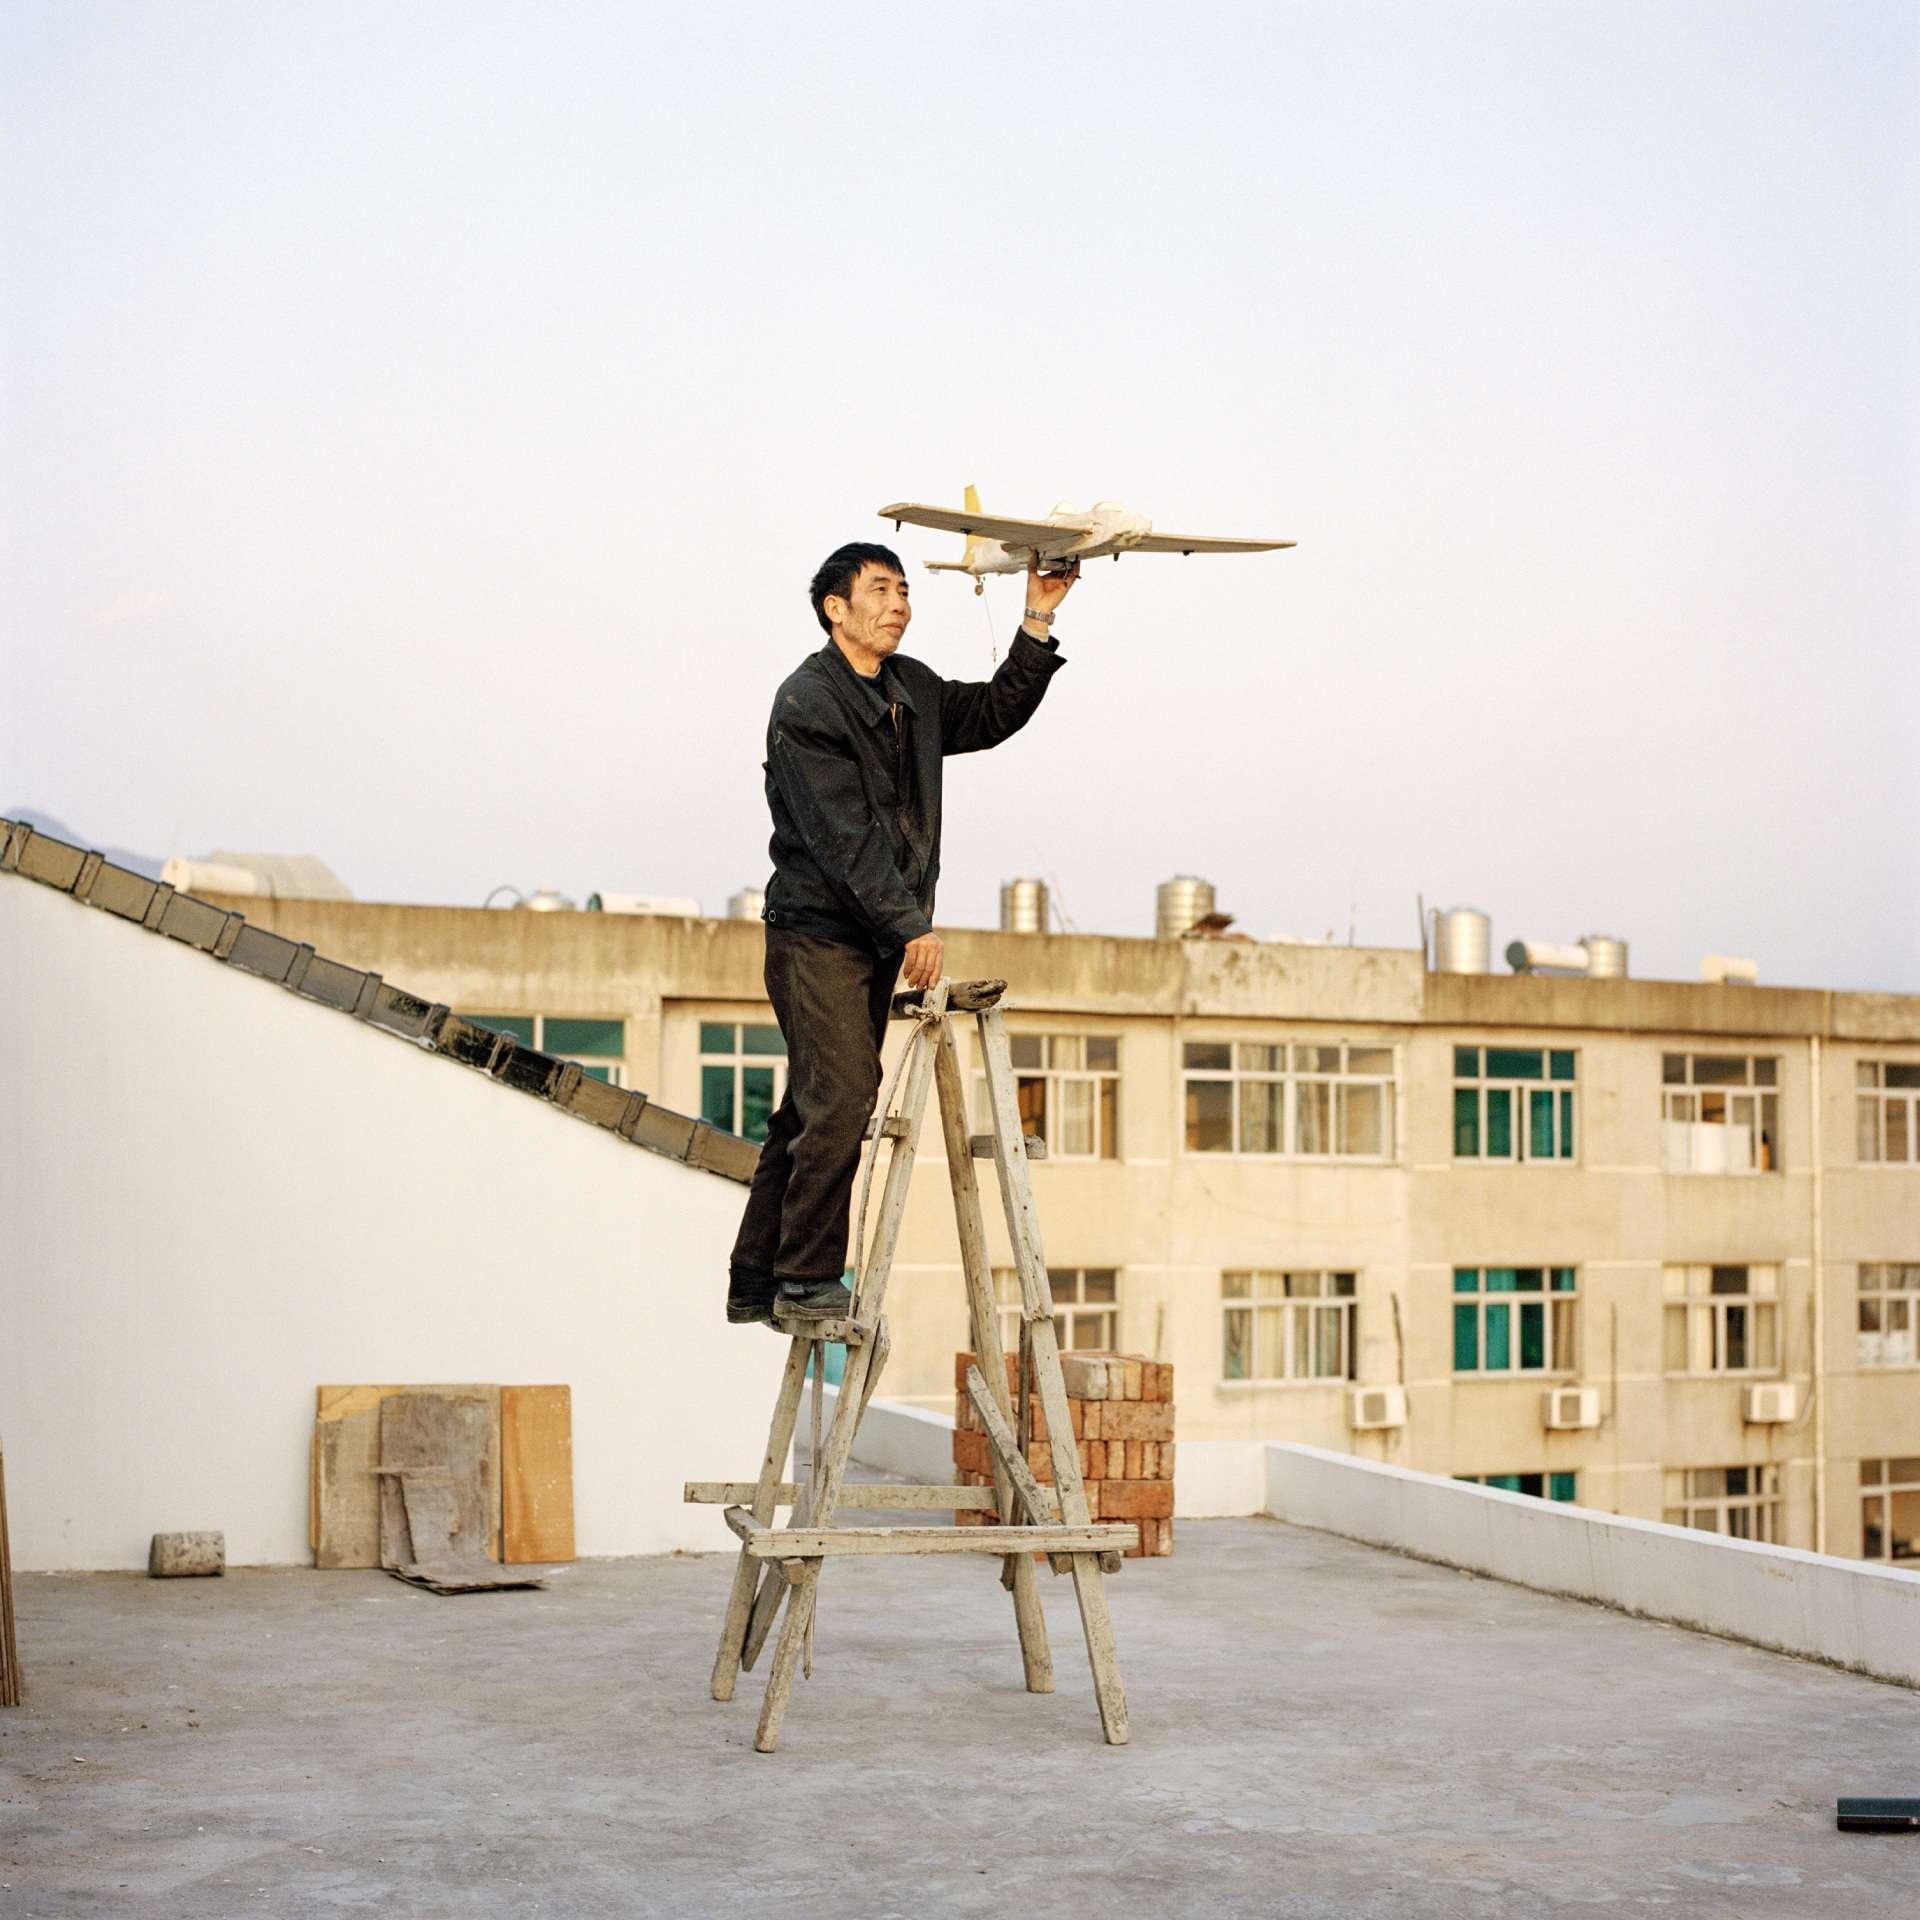 D'intrépides Chinois bricolent avec les moyens du bord le coucou de fortune qui les fera quitter terre. La photographe Xiaoxiao Xu est partie à la rencontre de ces mécanos du dimanche un peu perchés.Yuan Xiangqiu rêve deconstruire un appareil capable de survoler le mont Tiantai. En attendant, il a surnomméson petit-fils Chen Xiang(Vol du matin). (Ville de Tiantai,province du Zhejiang).